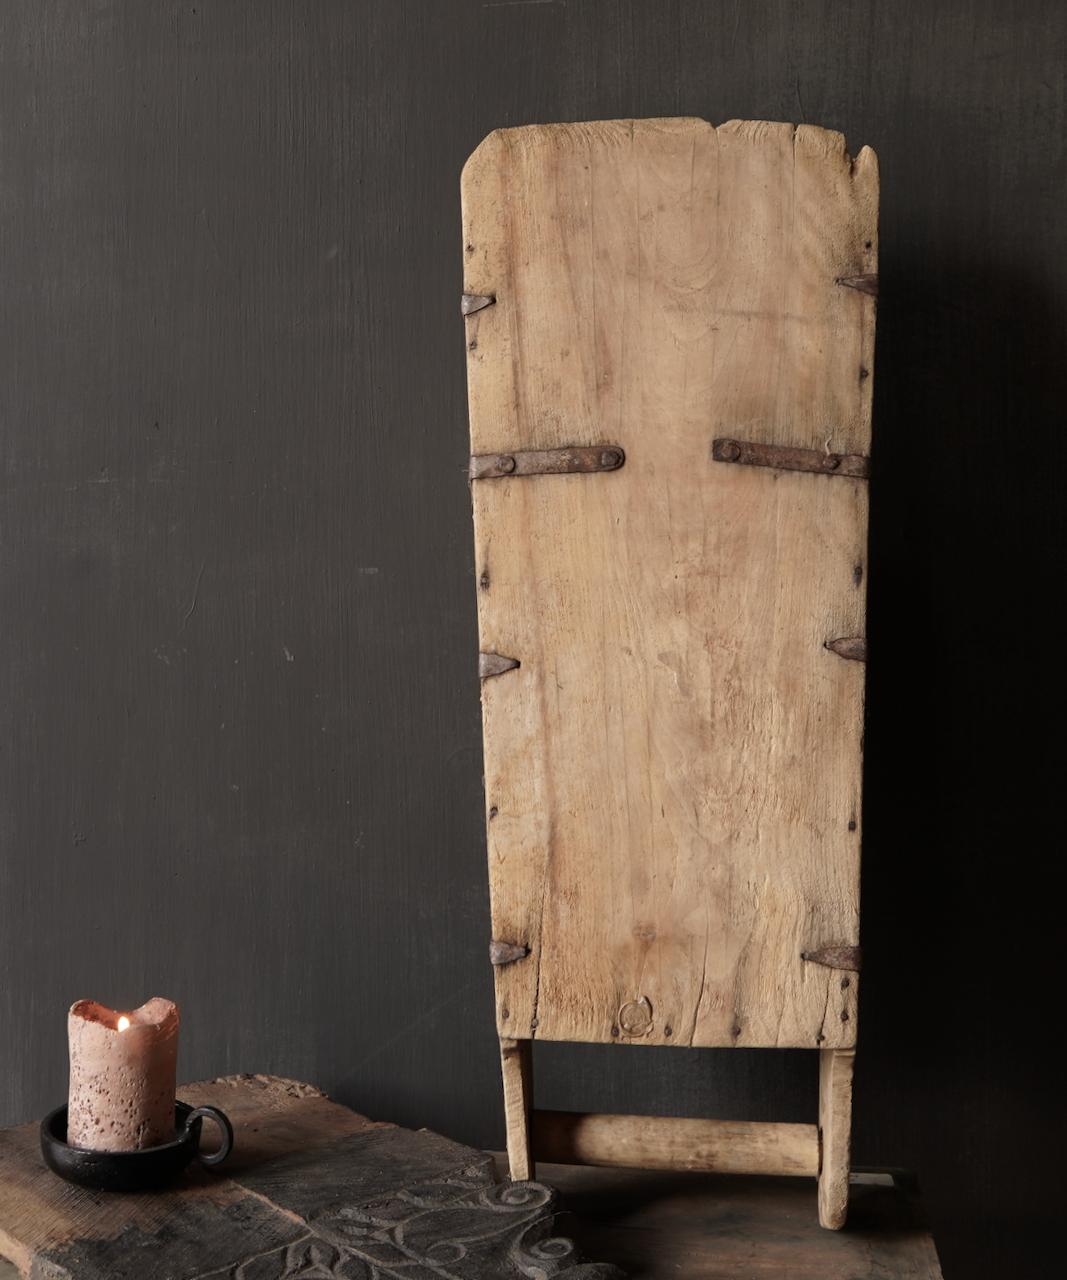 Large old wooden rice shovel / Bake-4